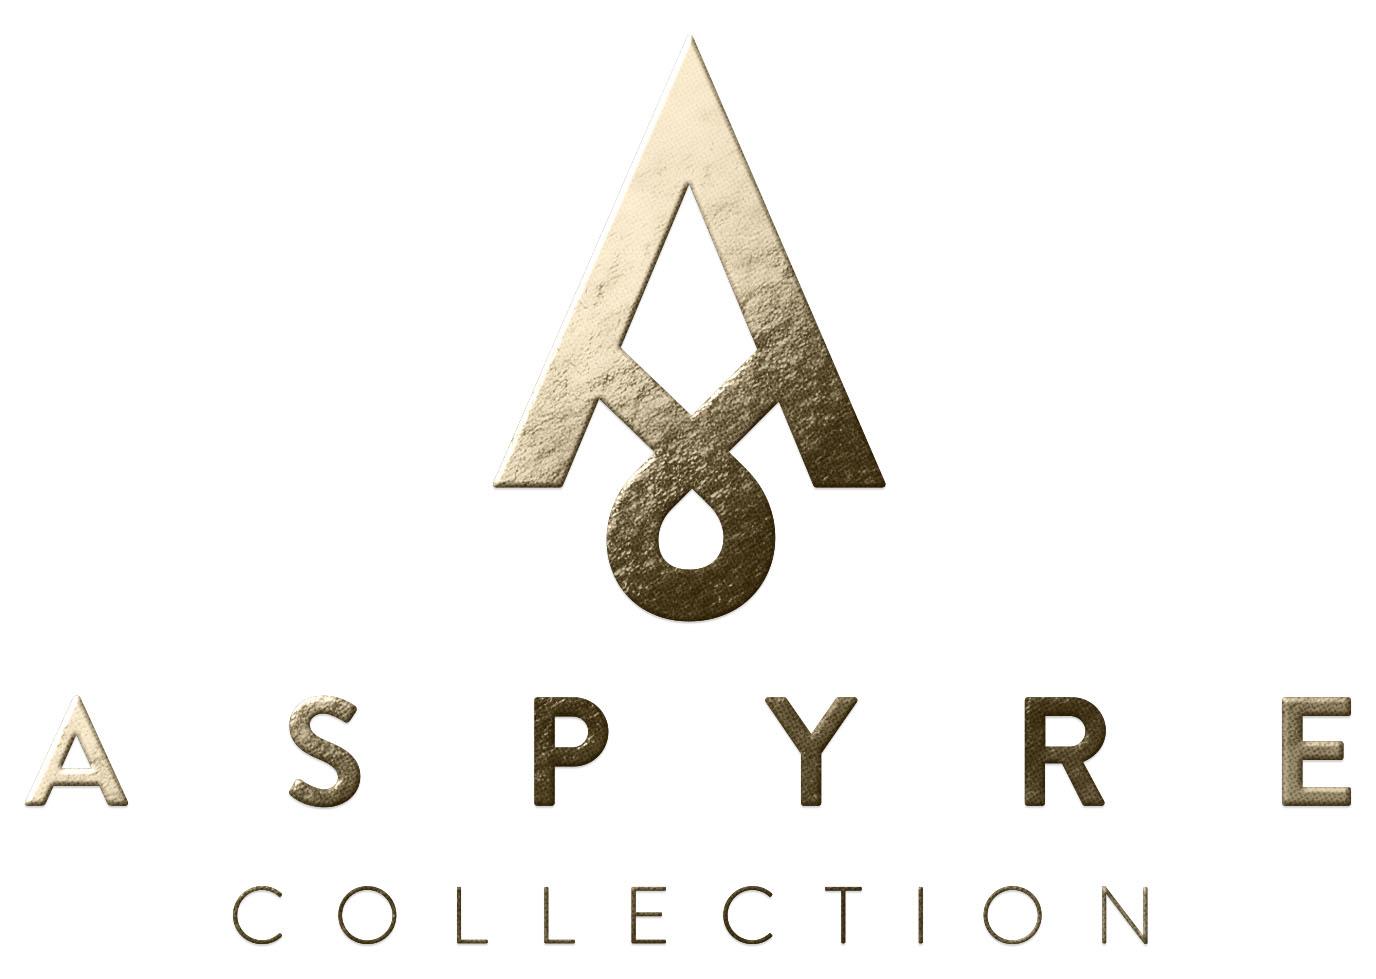 Aspyre Collection - unieke, handgemaakte sieraden.